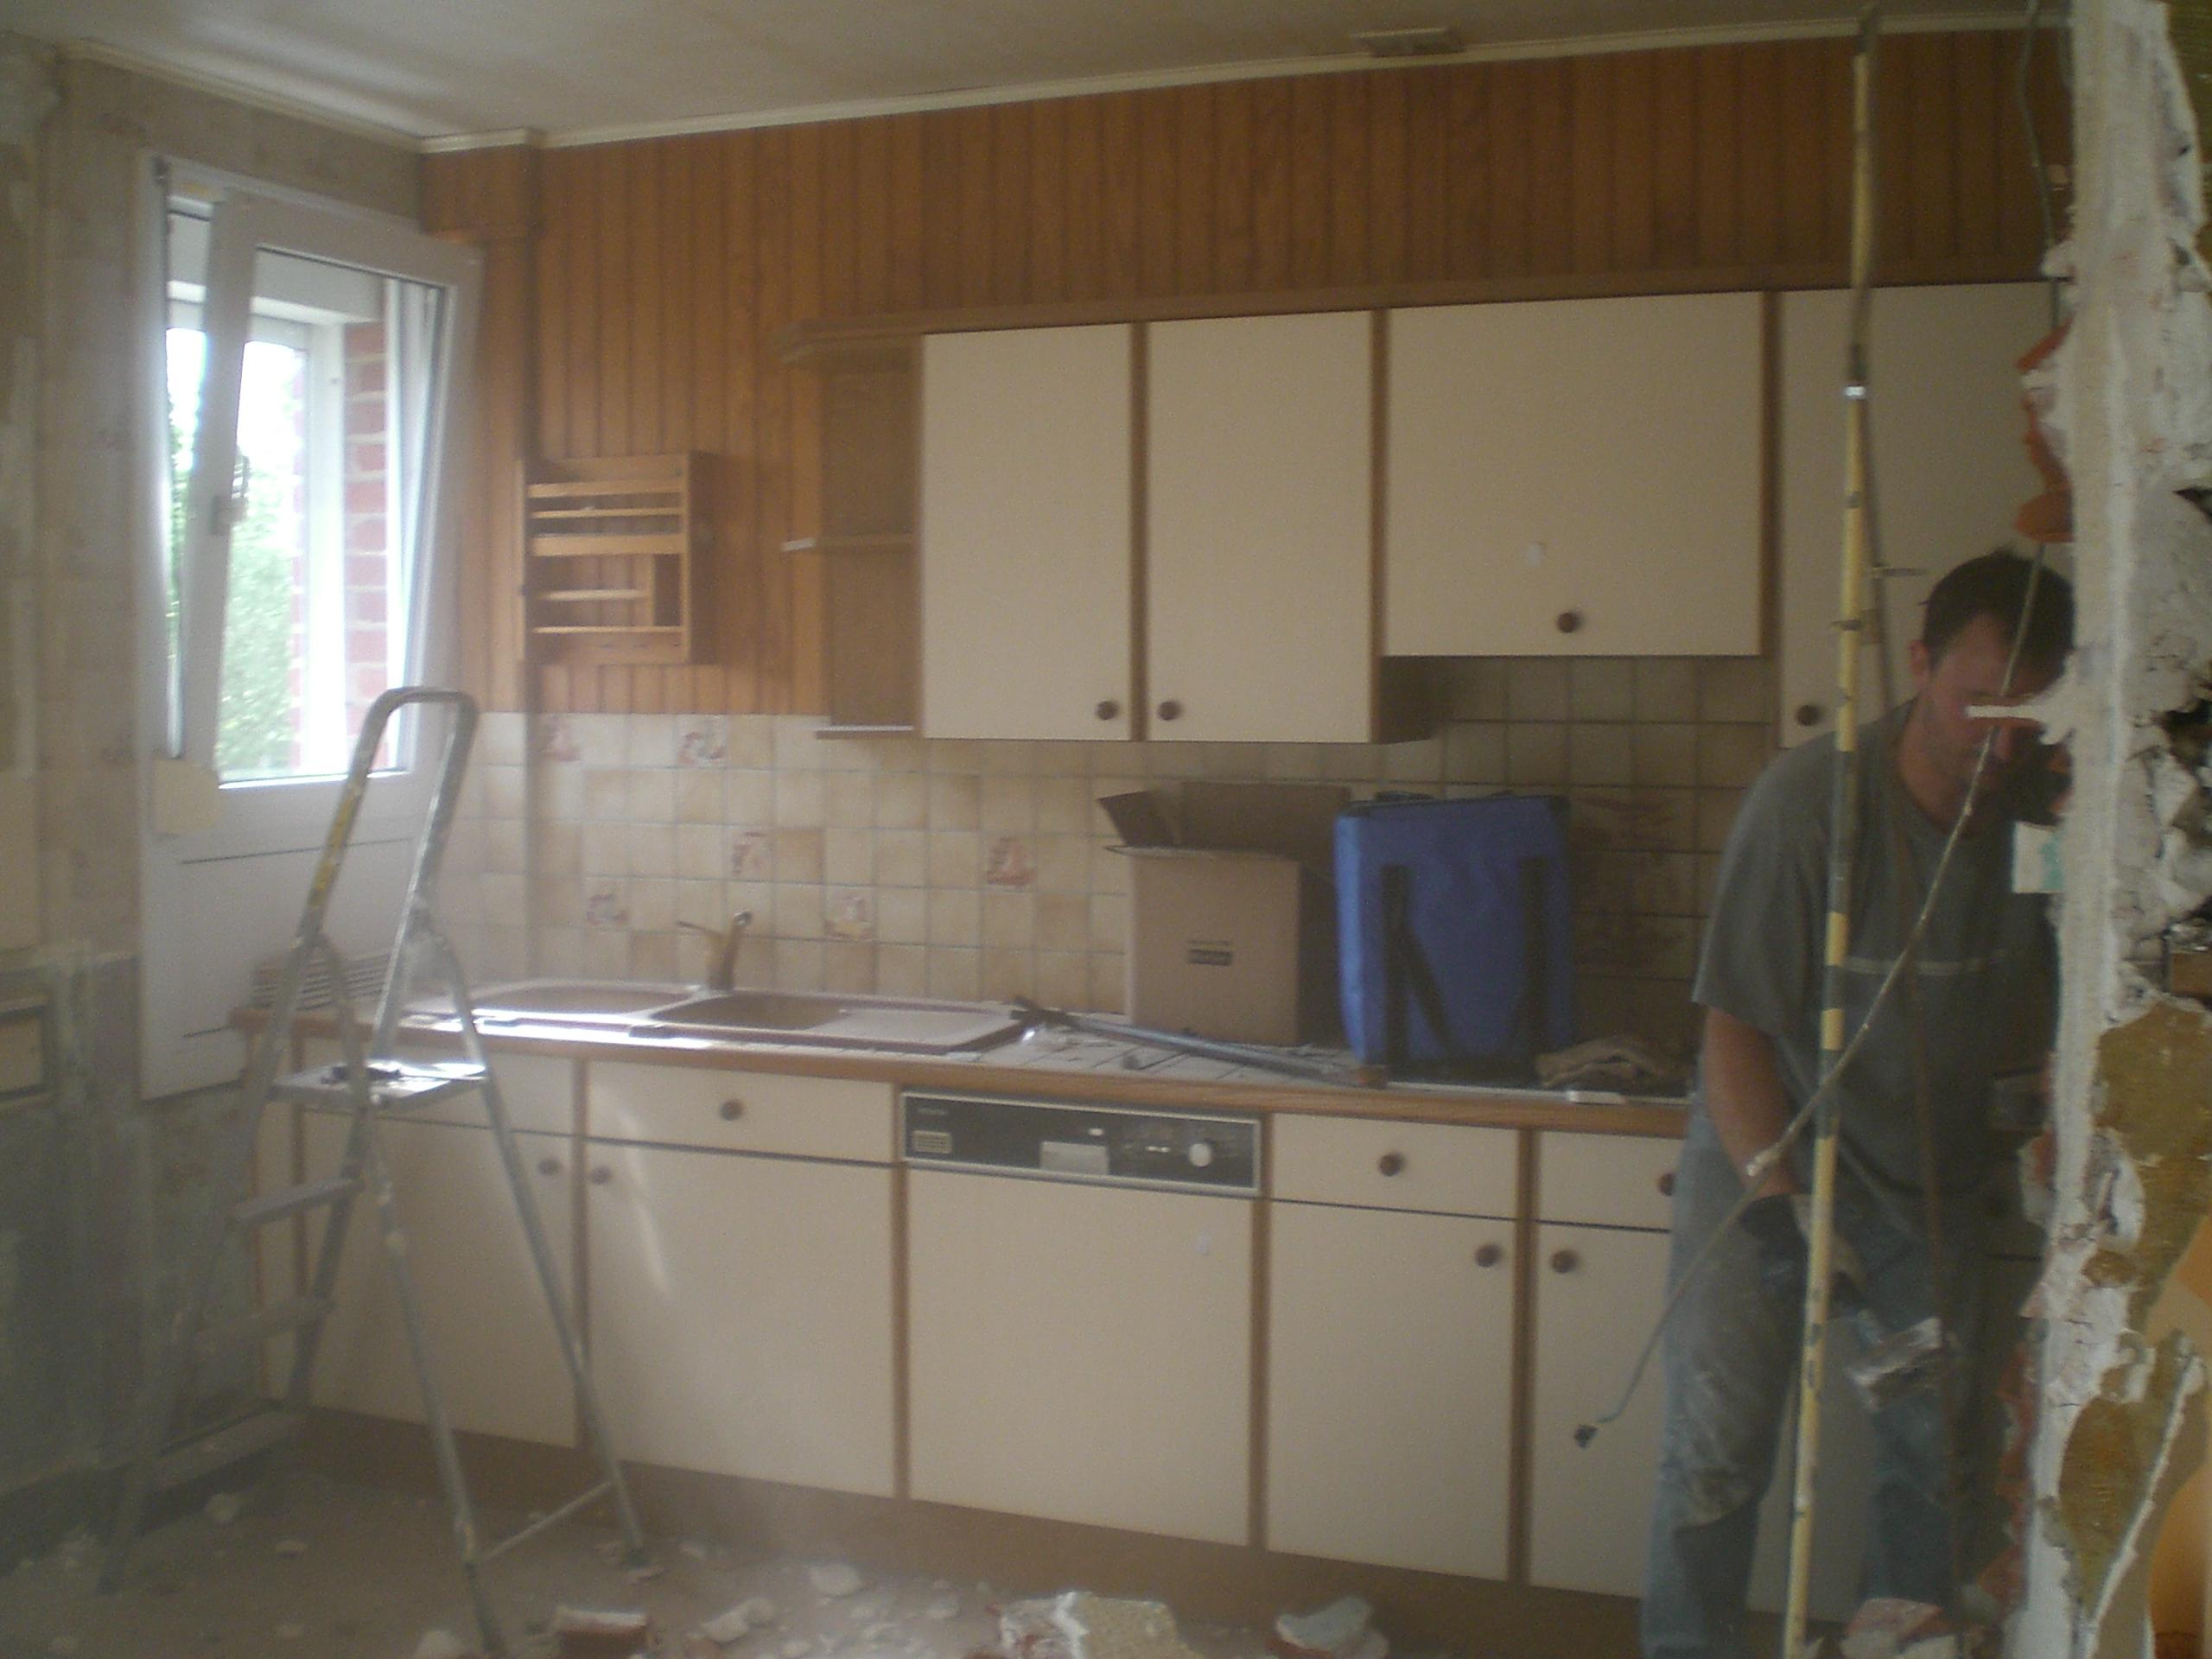 Cuisine repeinte en gris: deco cuisine repeinte. réaménagement d& ...